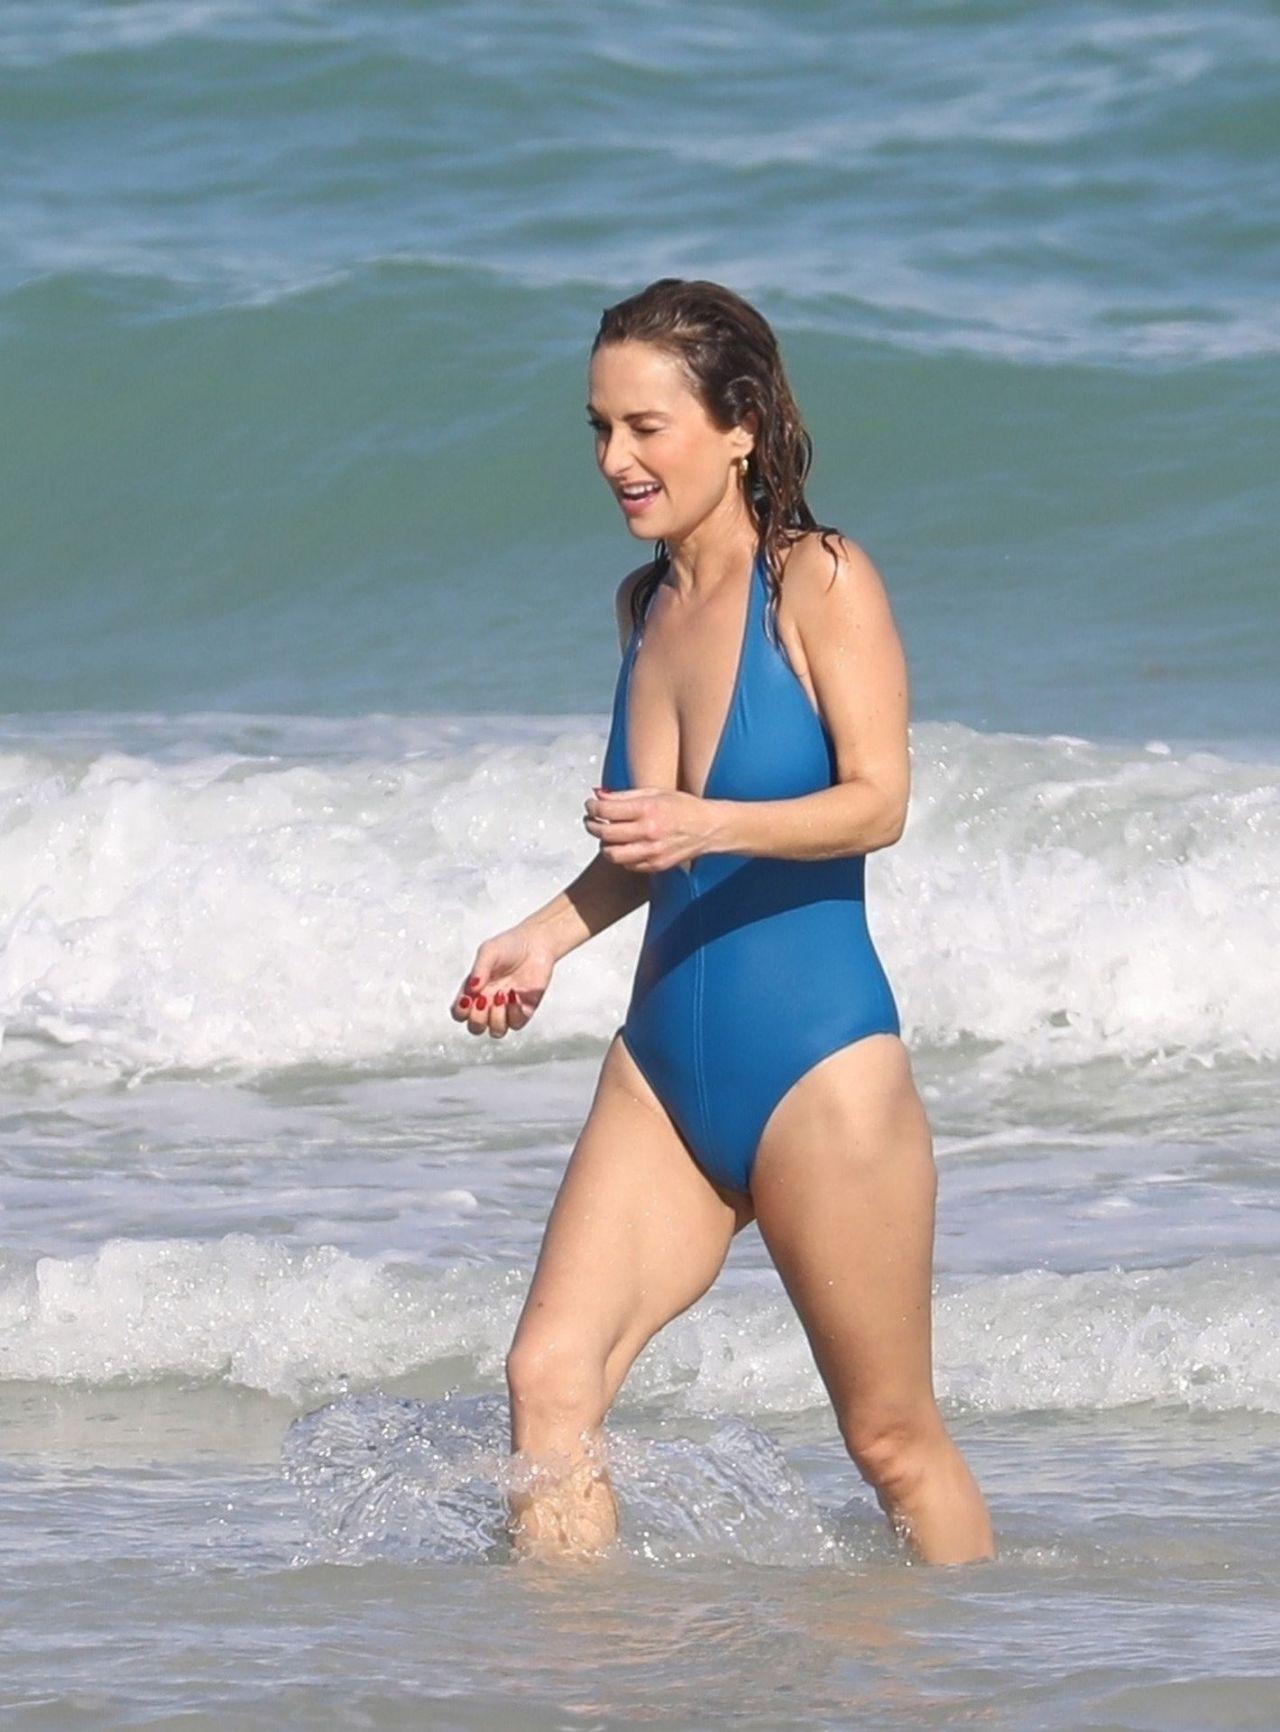 Giada De Laurentiis In A Swimsuit 02 21 2019